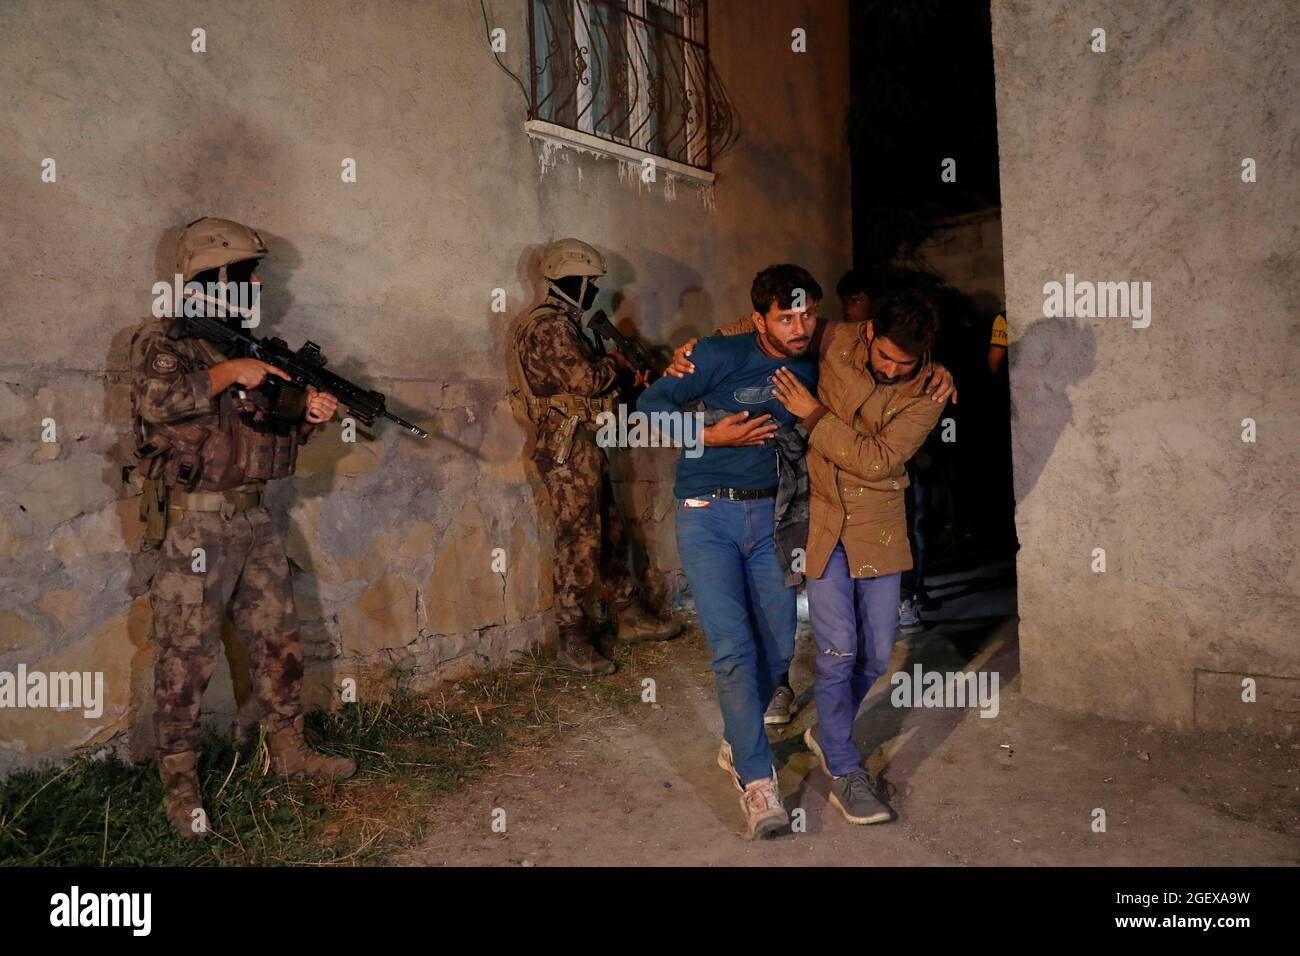 Migranten, hauptsächlich aus Afghanistan, werden gesehen, nachdem sie Ende August 21 von türkischen Sicherheitskräften während einer Operation in der Grenzstadt Van, Türkei 2021, festgenommen wurden. REUTERS/Murad Sezer Stockfoto